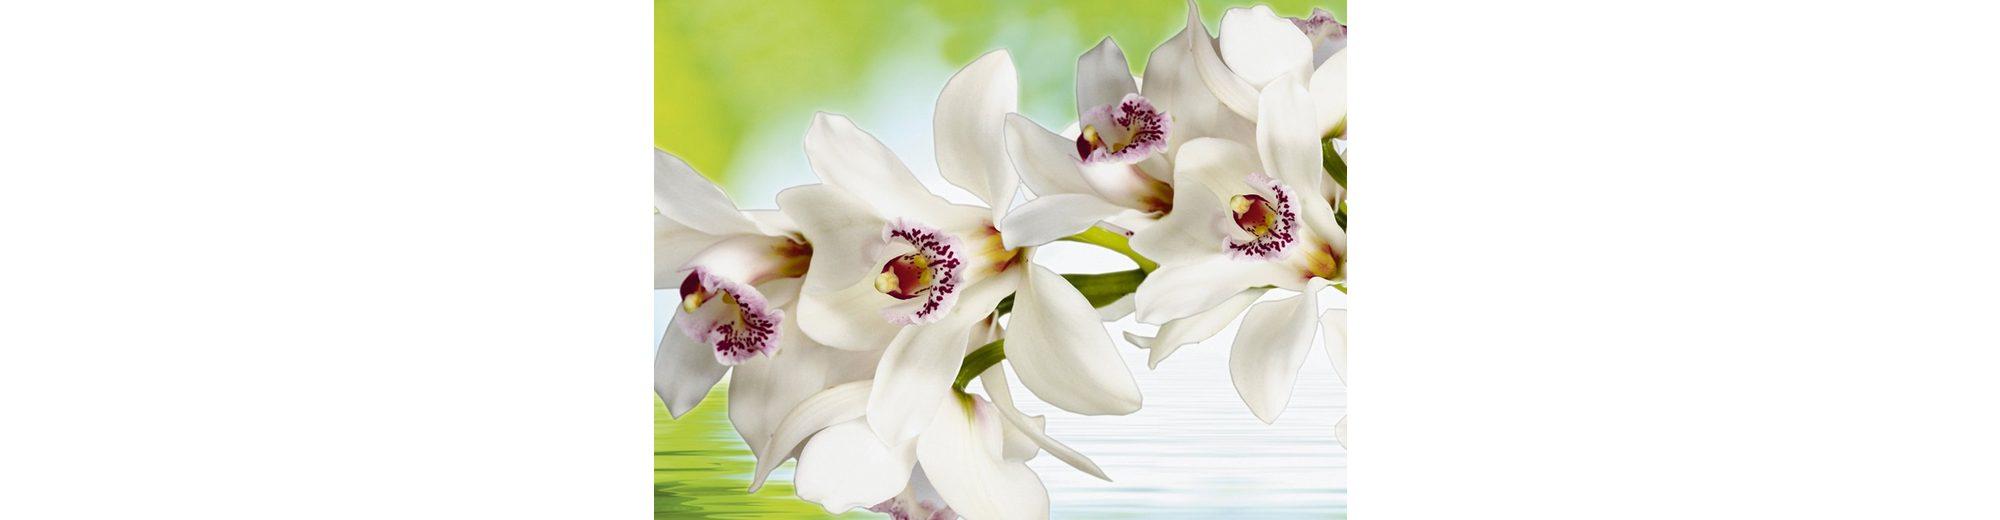 Leinwandbild auf Holzrahmen, Home affaire, »Weiße Orchidee«, 80/60 cm